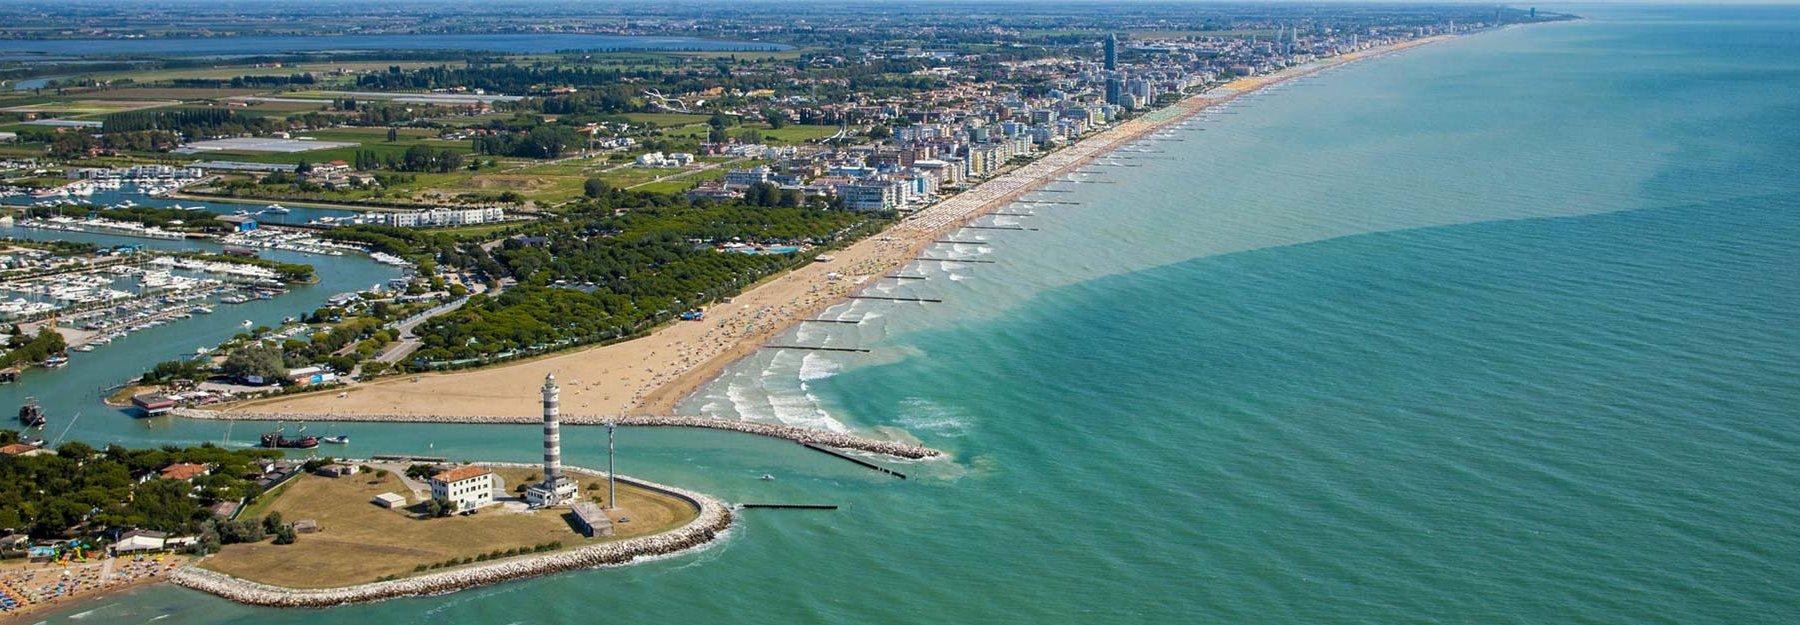 Risultati immagini per foto spiaggia jesolo lido dei lombardi